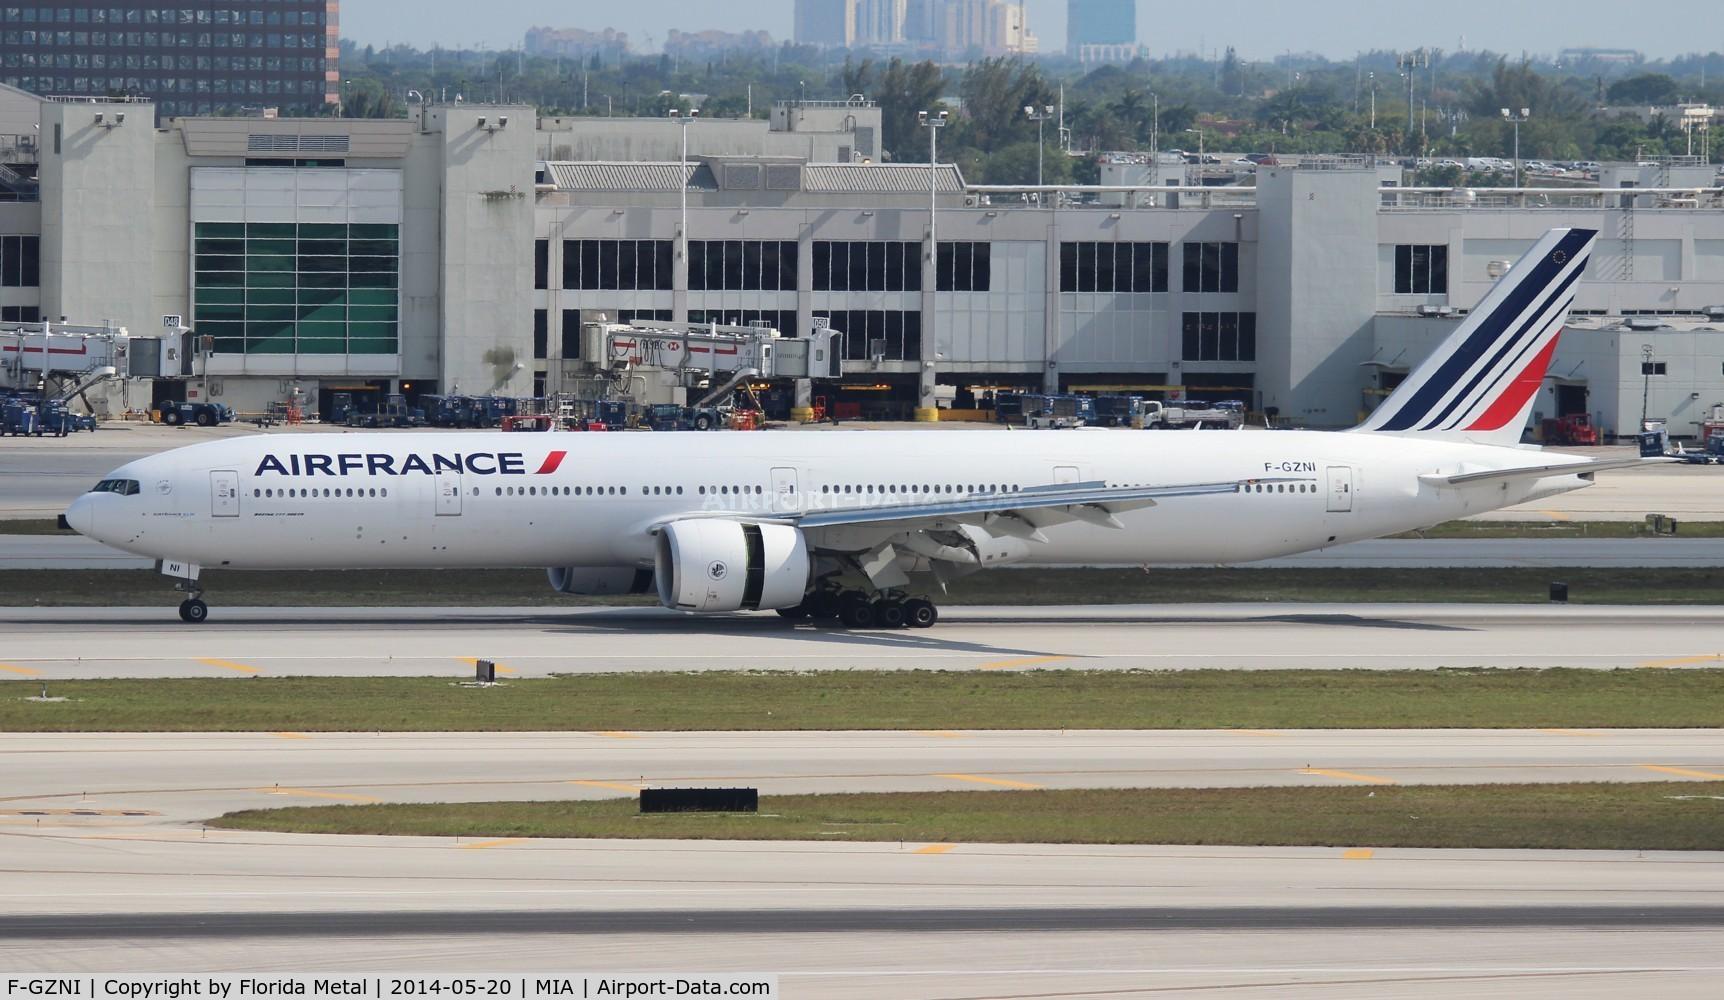 F-GZNI, 2011 Boeing 777-328/ER C/N 39973, Air France 777-300